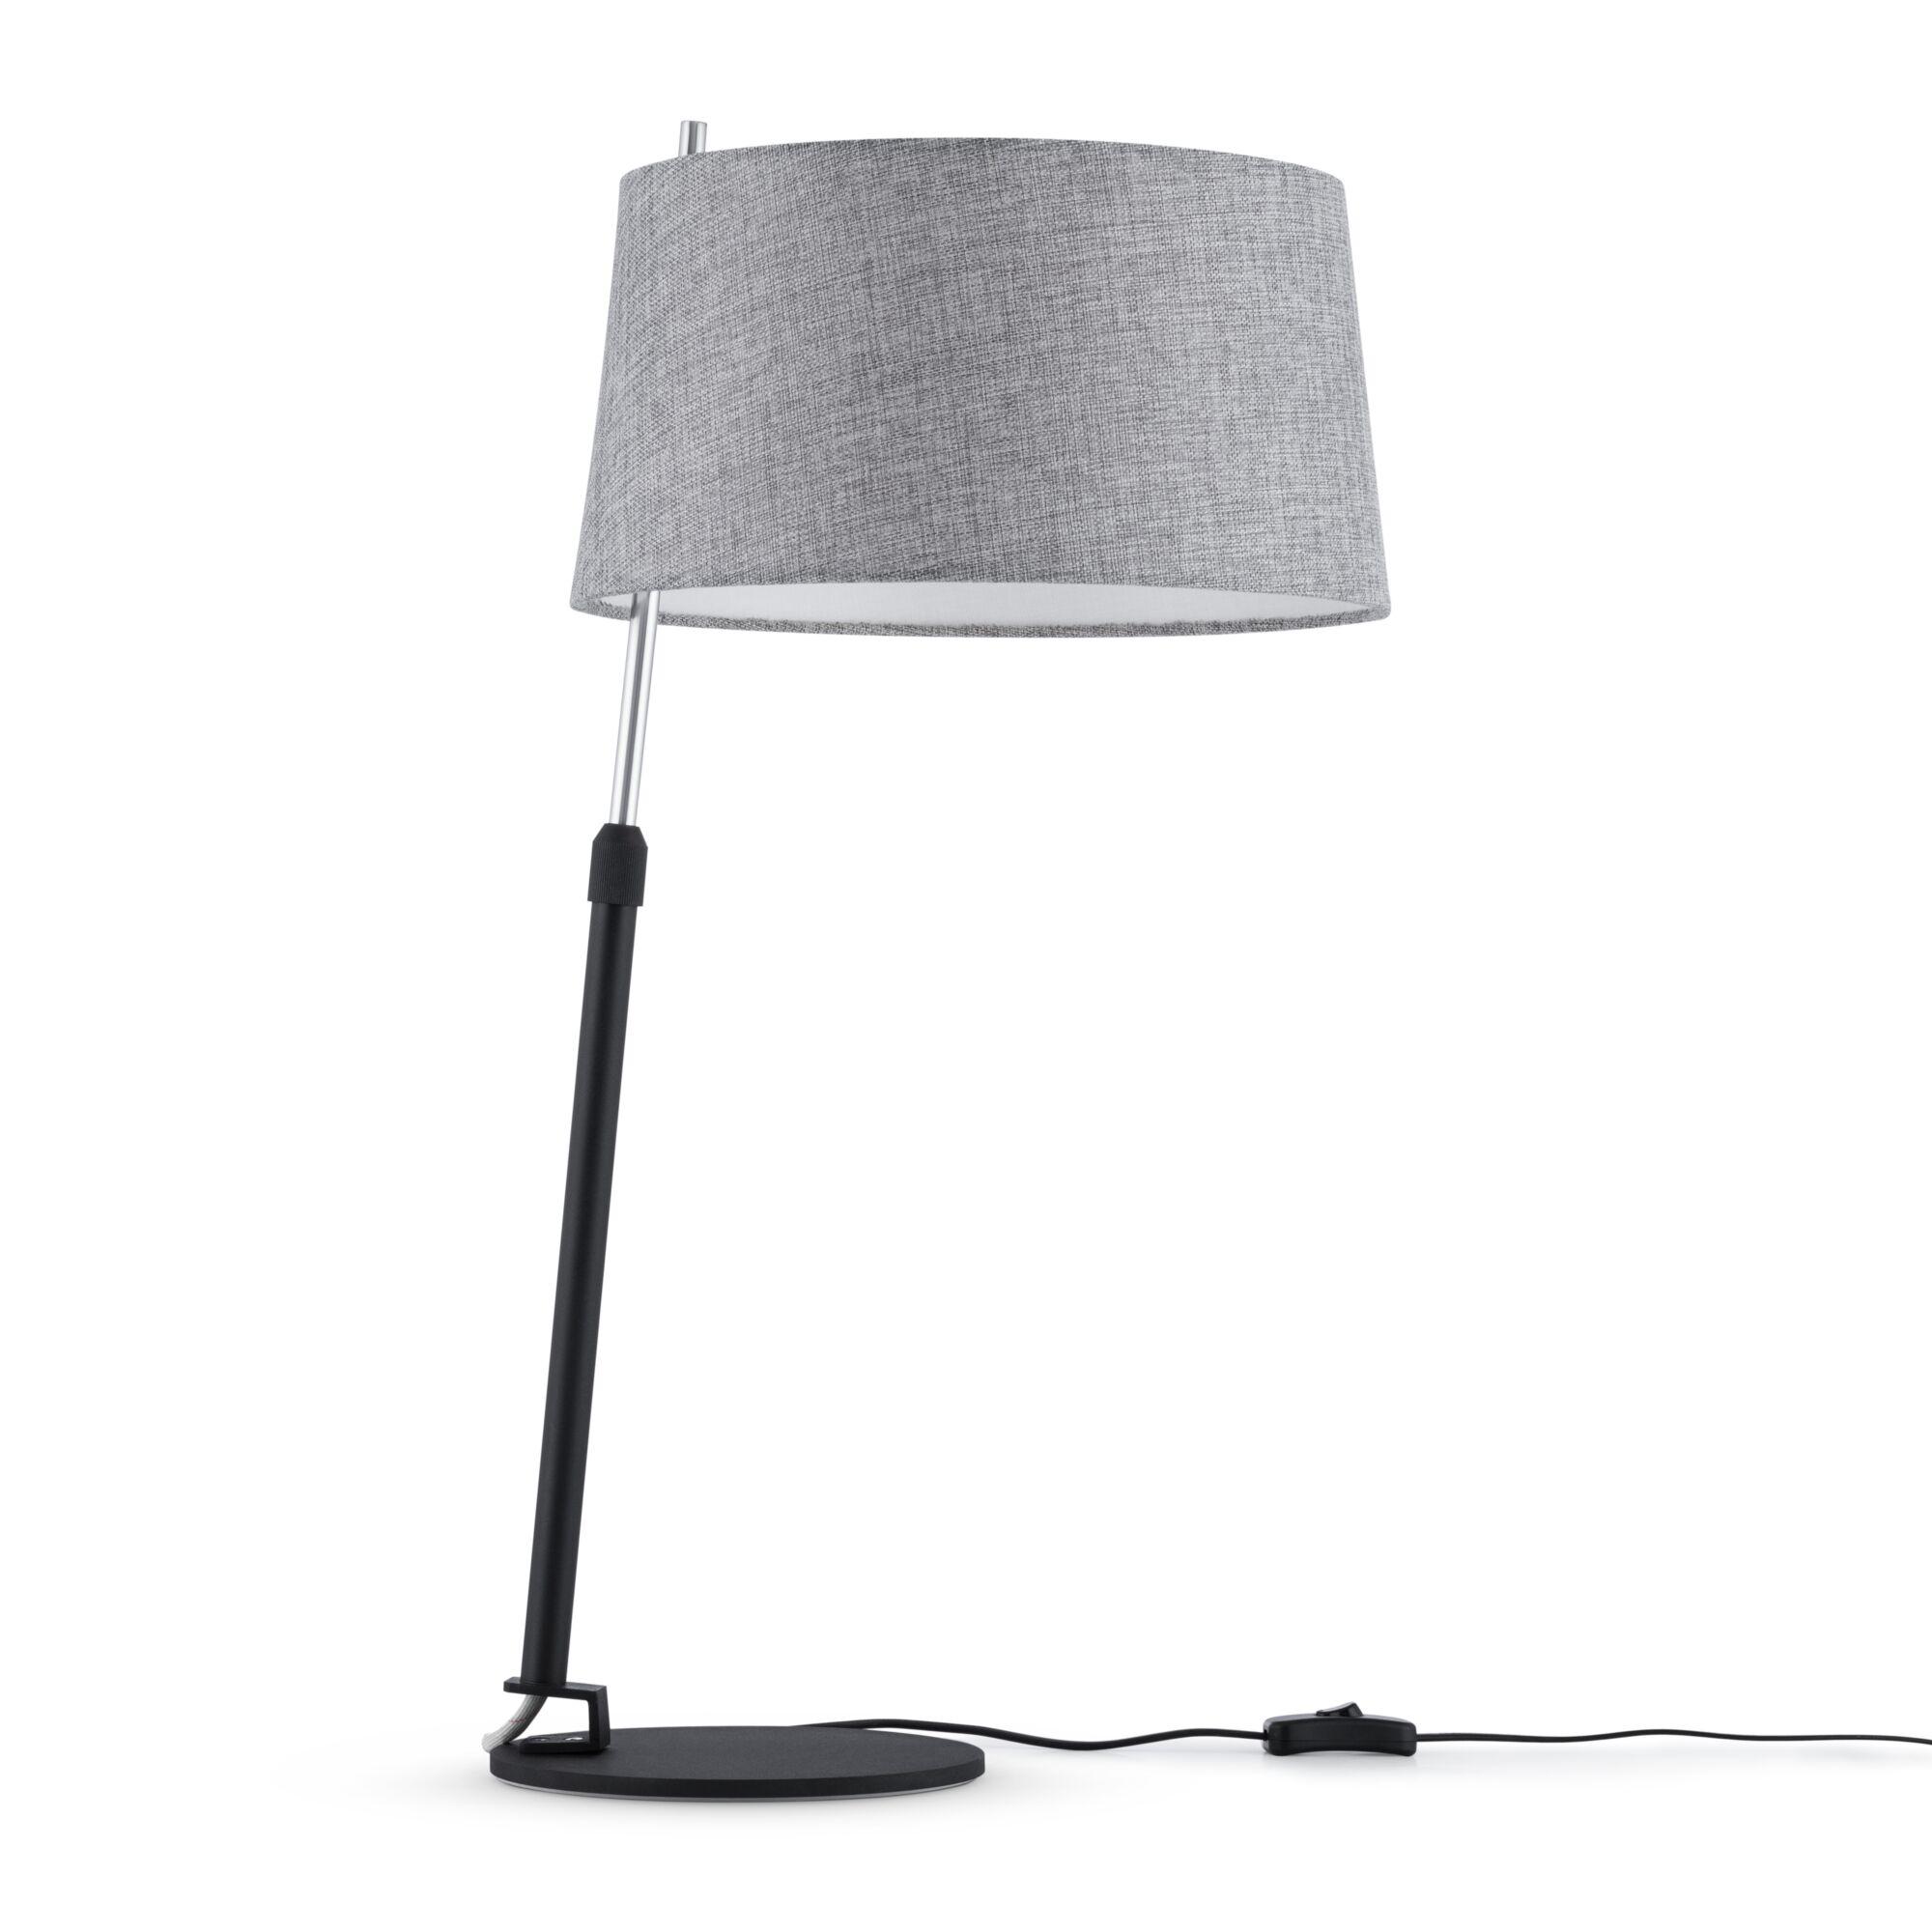 Настольная лампа Maytoni MOD613TL-01B черный/хром 1хE27х60W фото